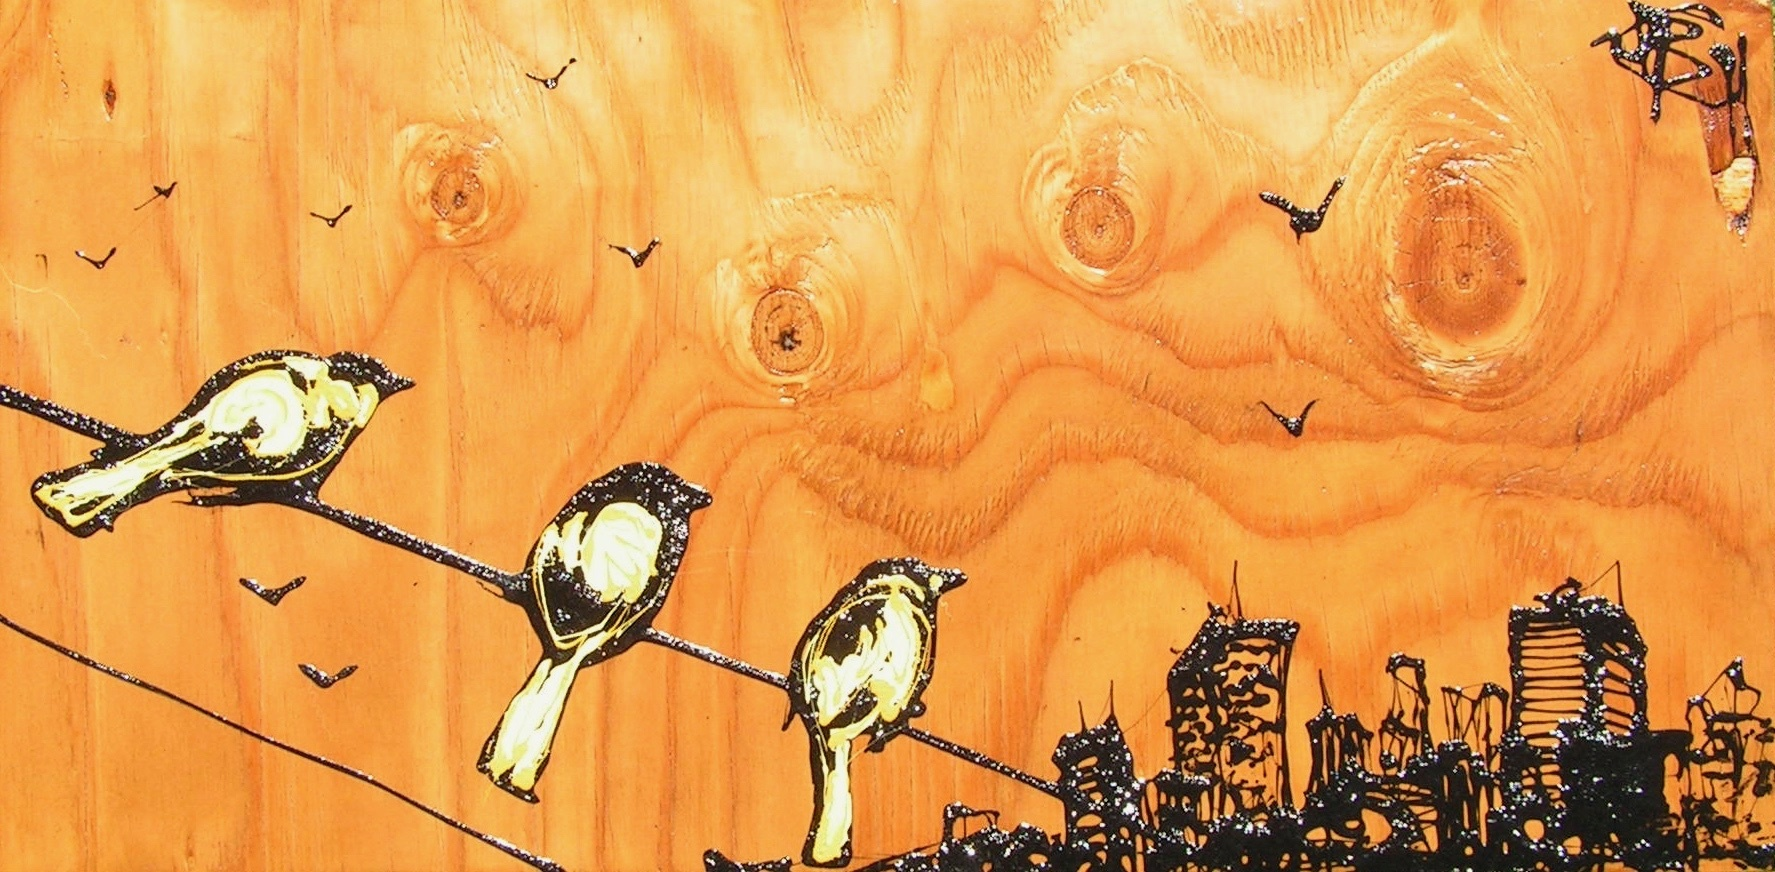 12x24 city birds yellow uj1jym